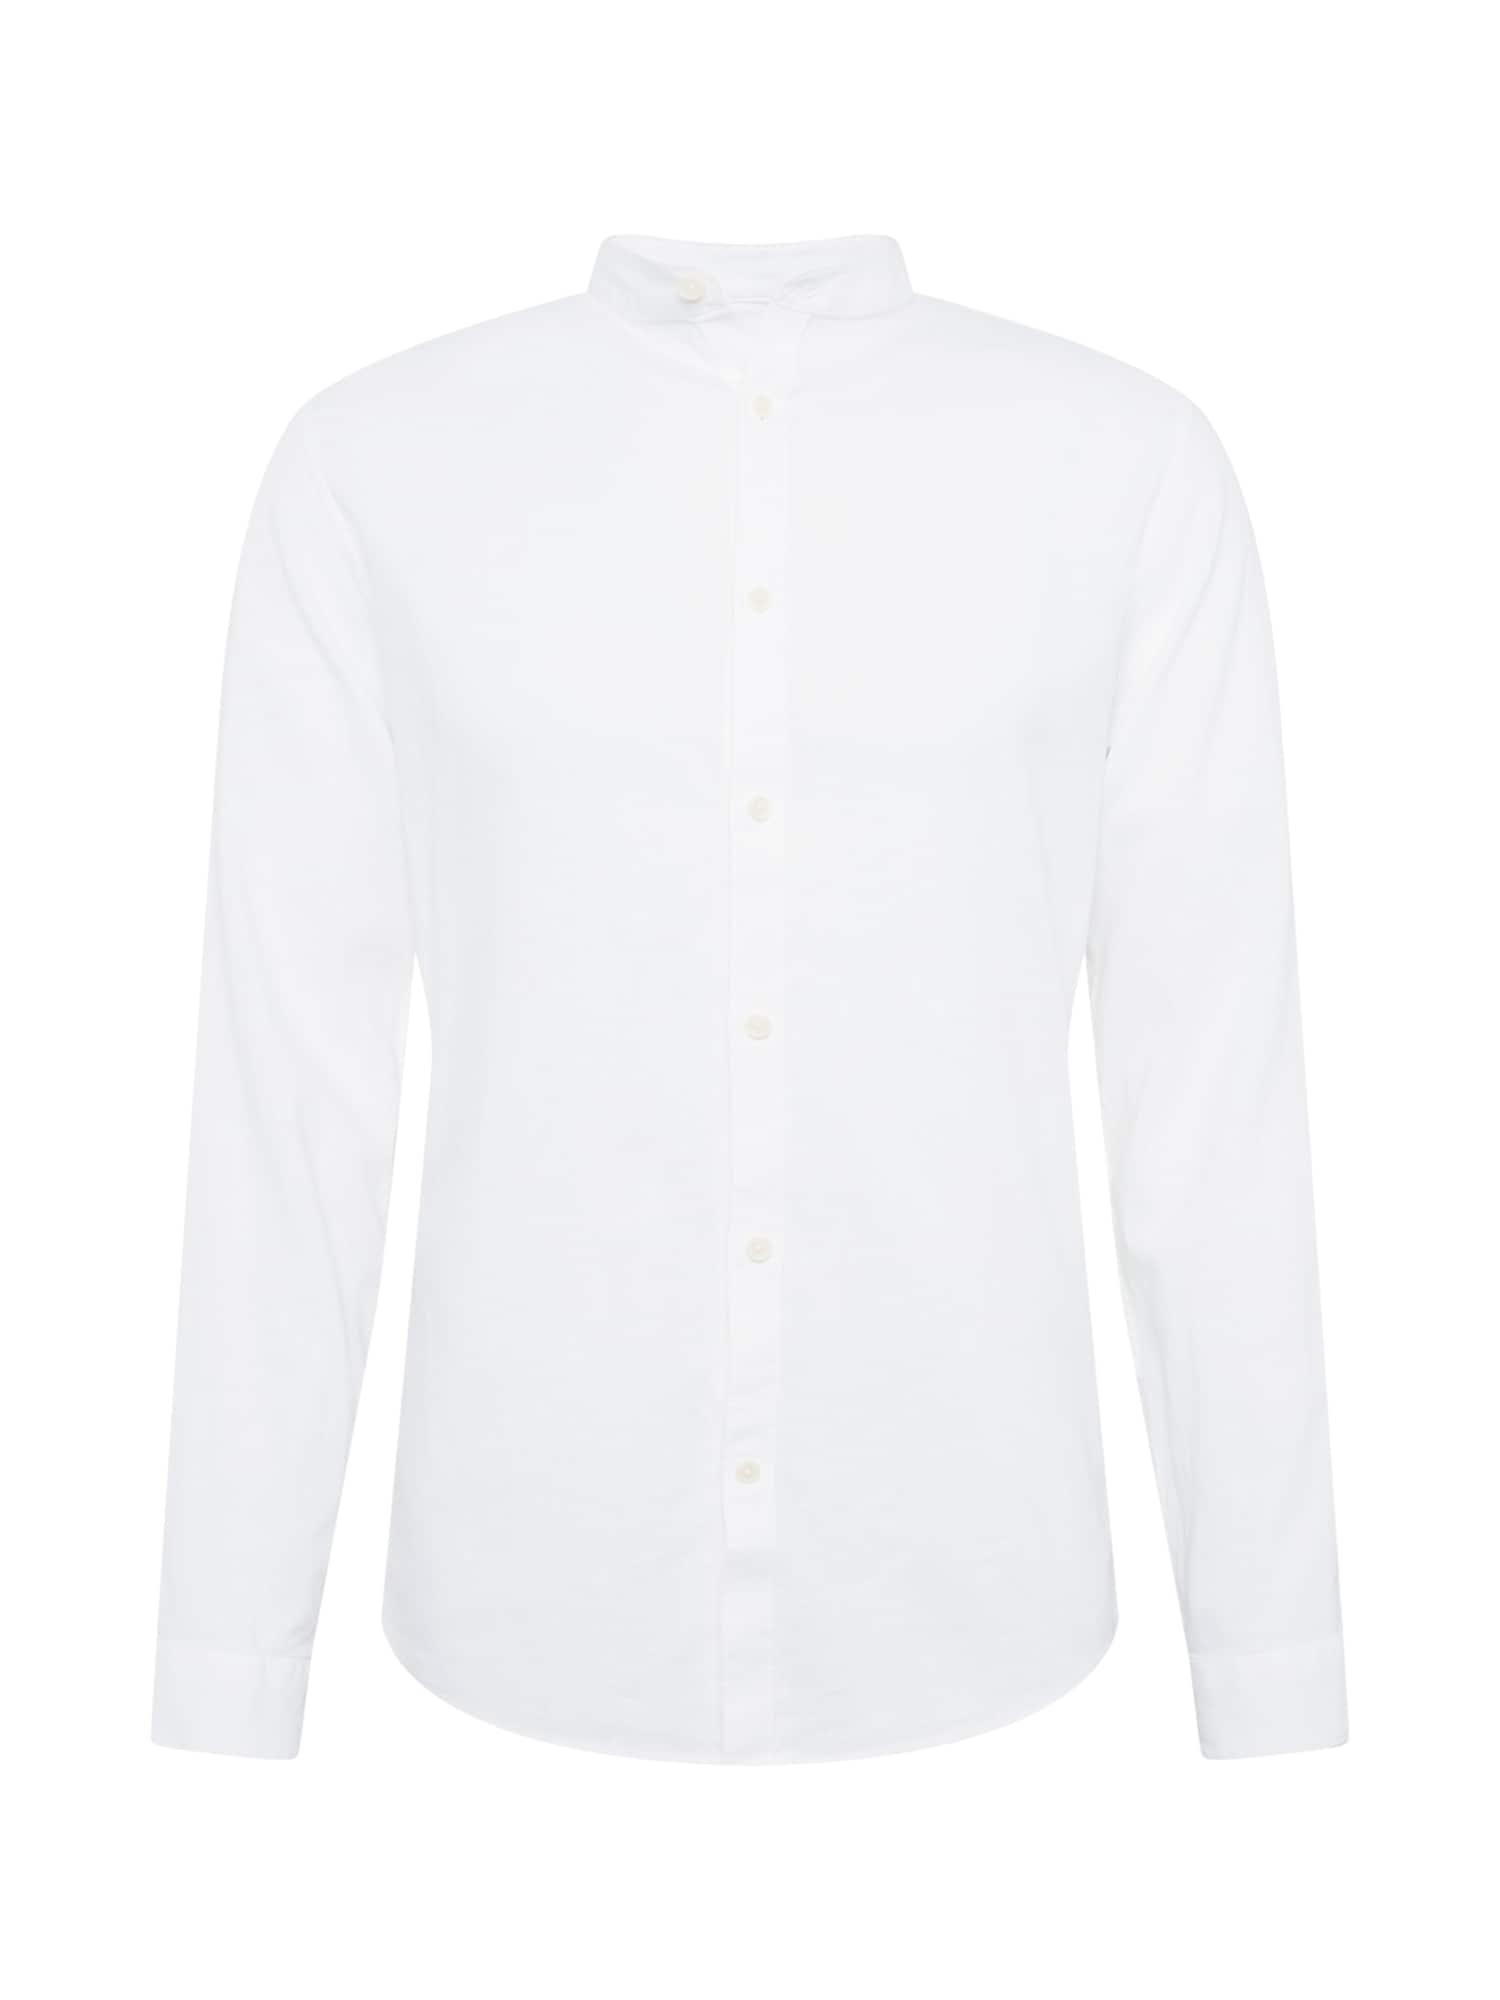 Lindbergh Dalykinio stiliaus marškiniai balta